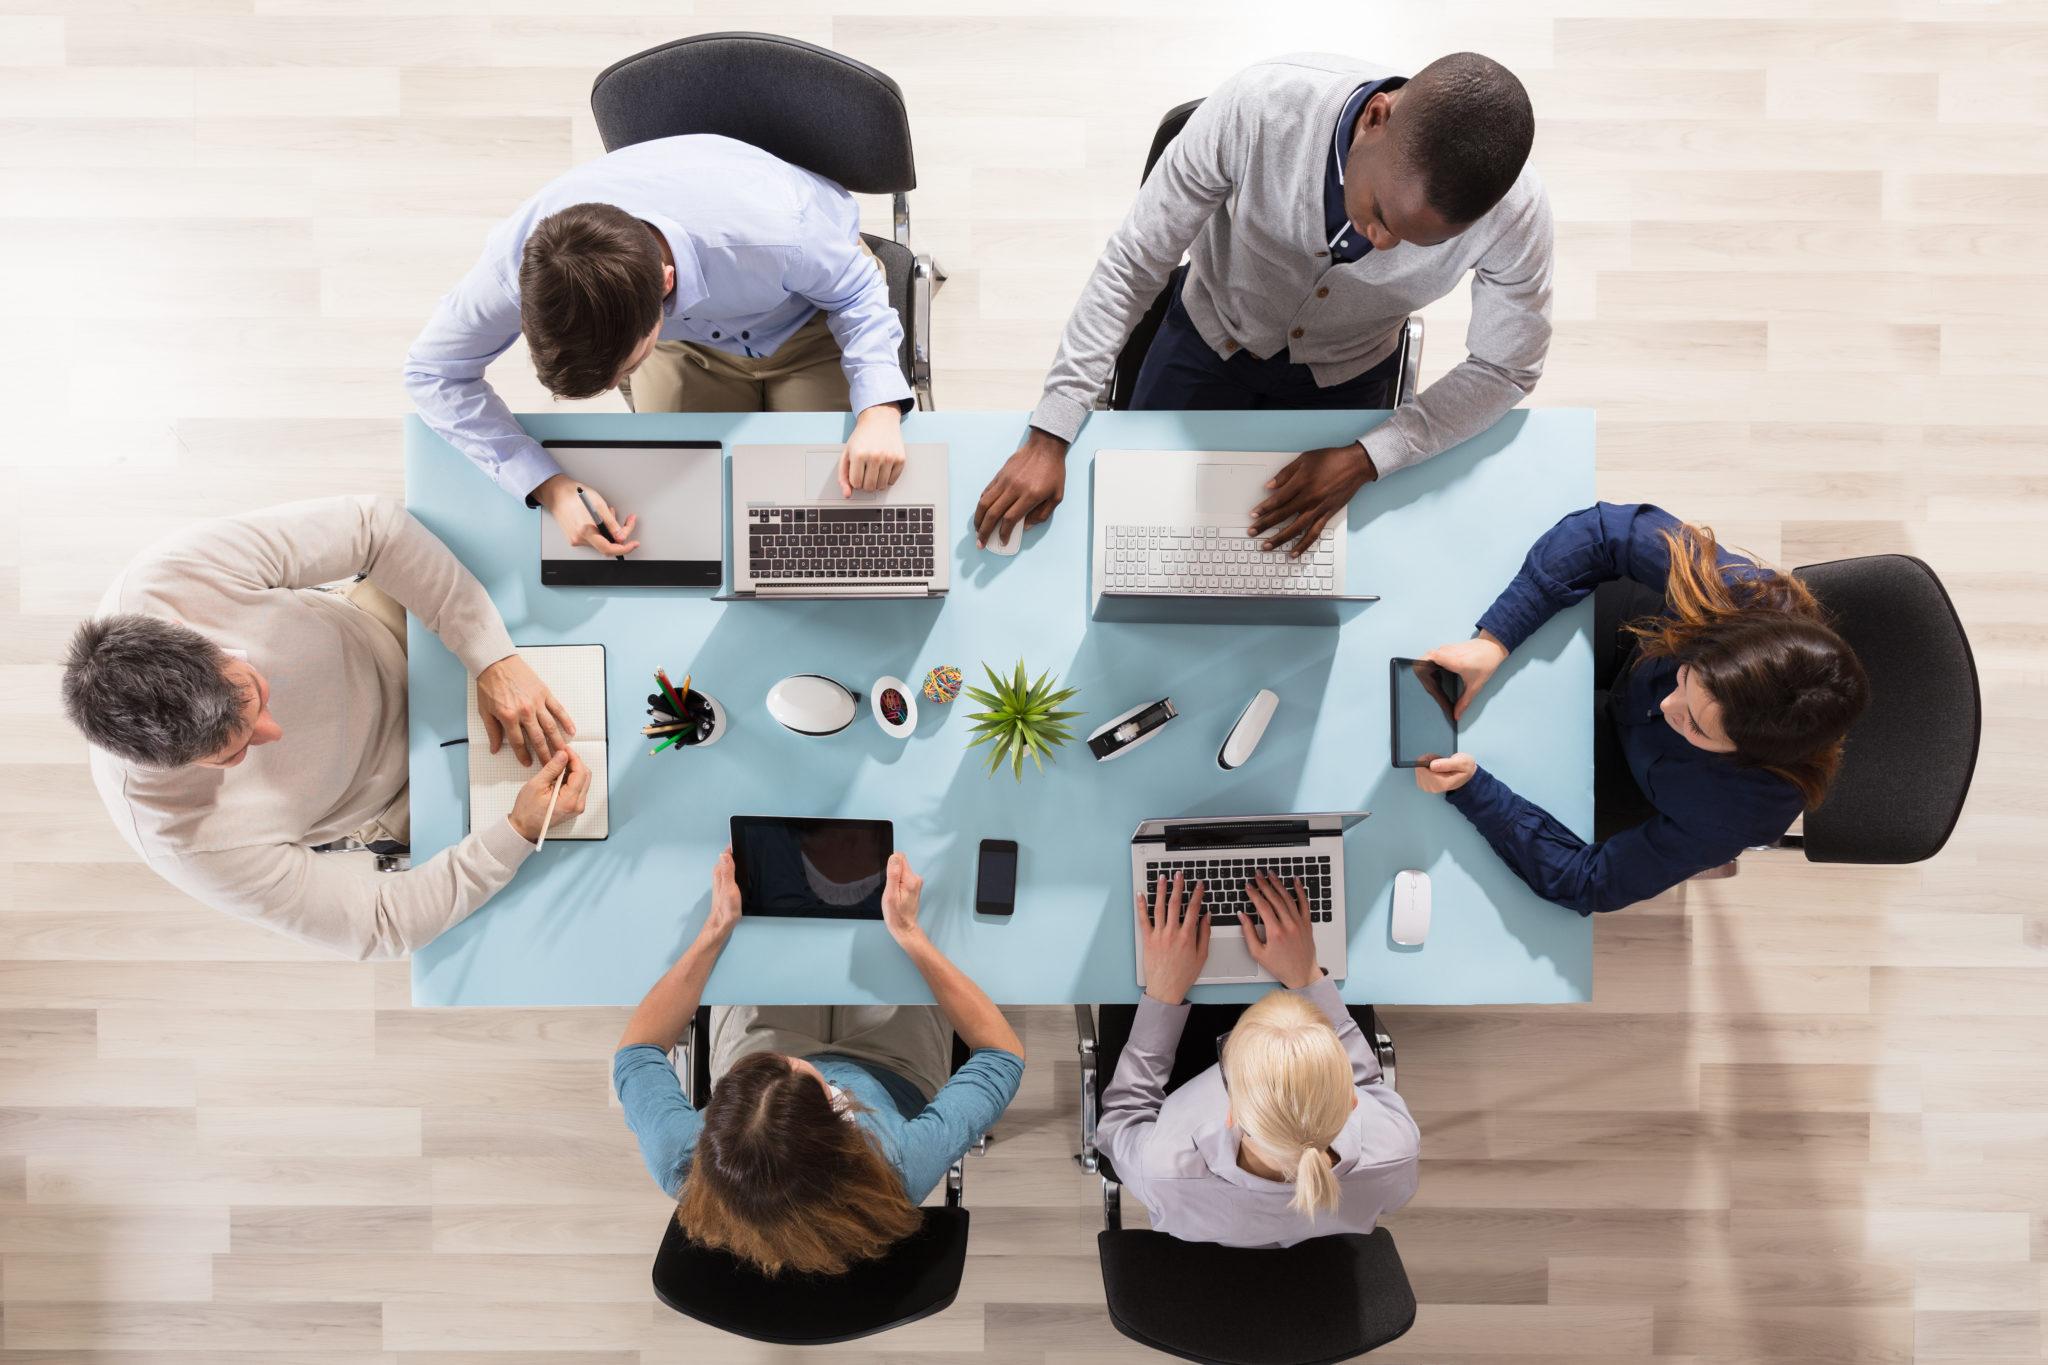 Mobiele productiviteit bereik je door een goede samenwerking en communicatie